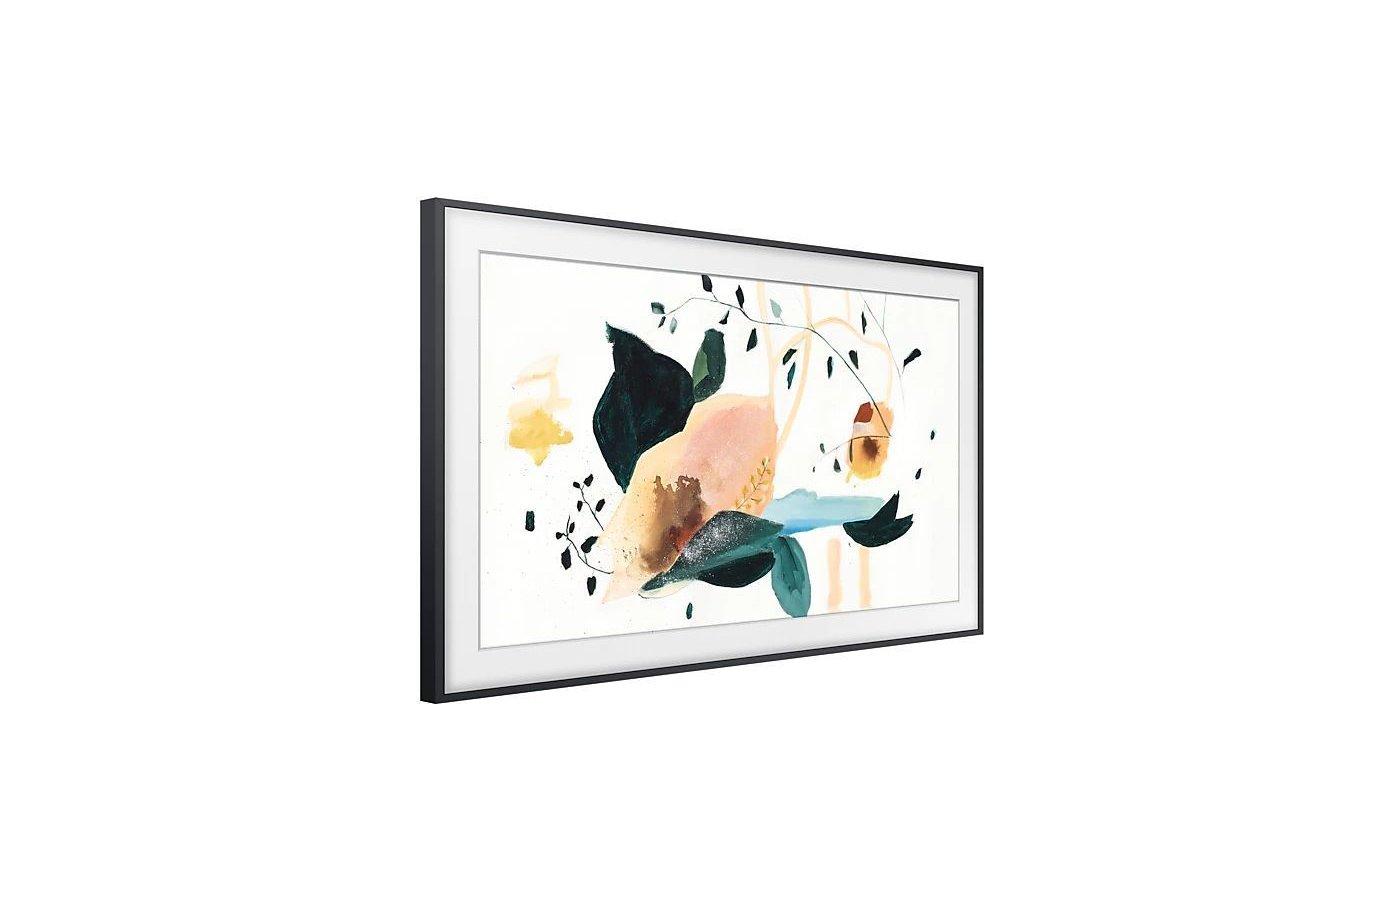 Телевизор QLED Samsung The Frame QE43LS03TAU 43″ (2020), черный уголь